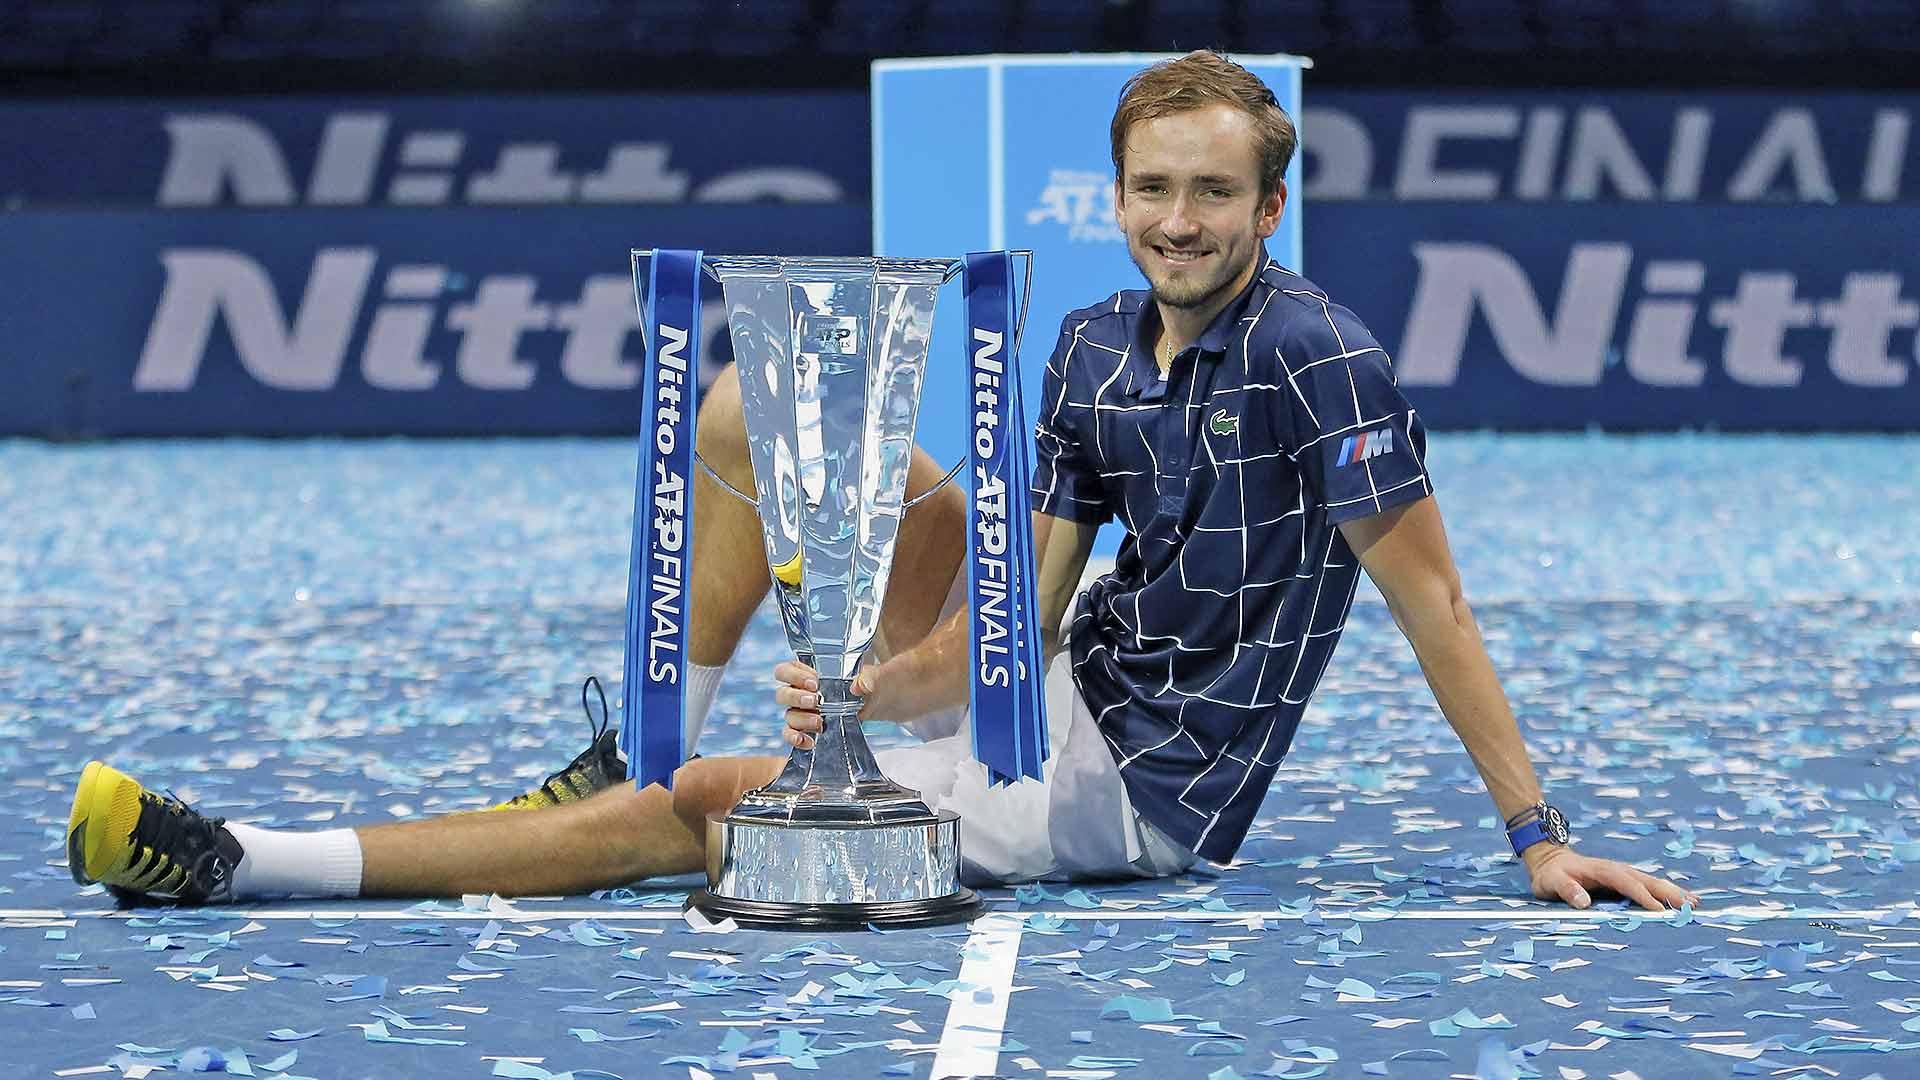 梅德韦杰夫生涯首夺ATP总决赛冠军,逆转蒂姆